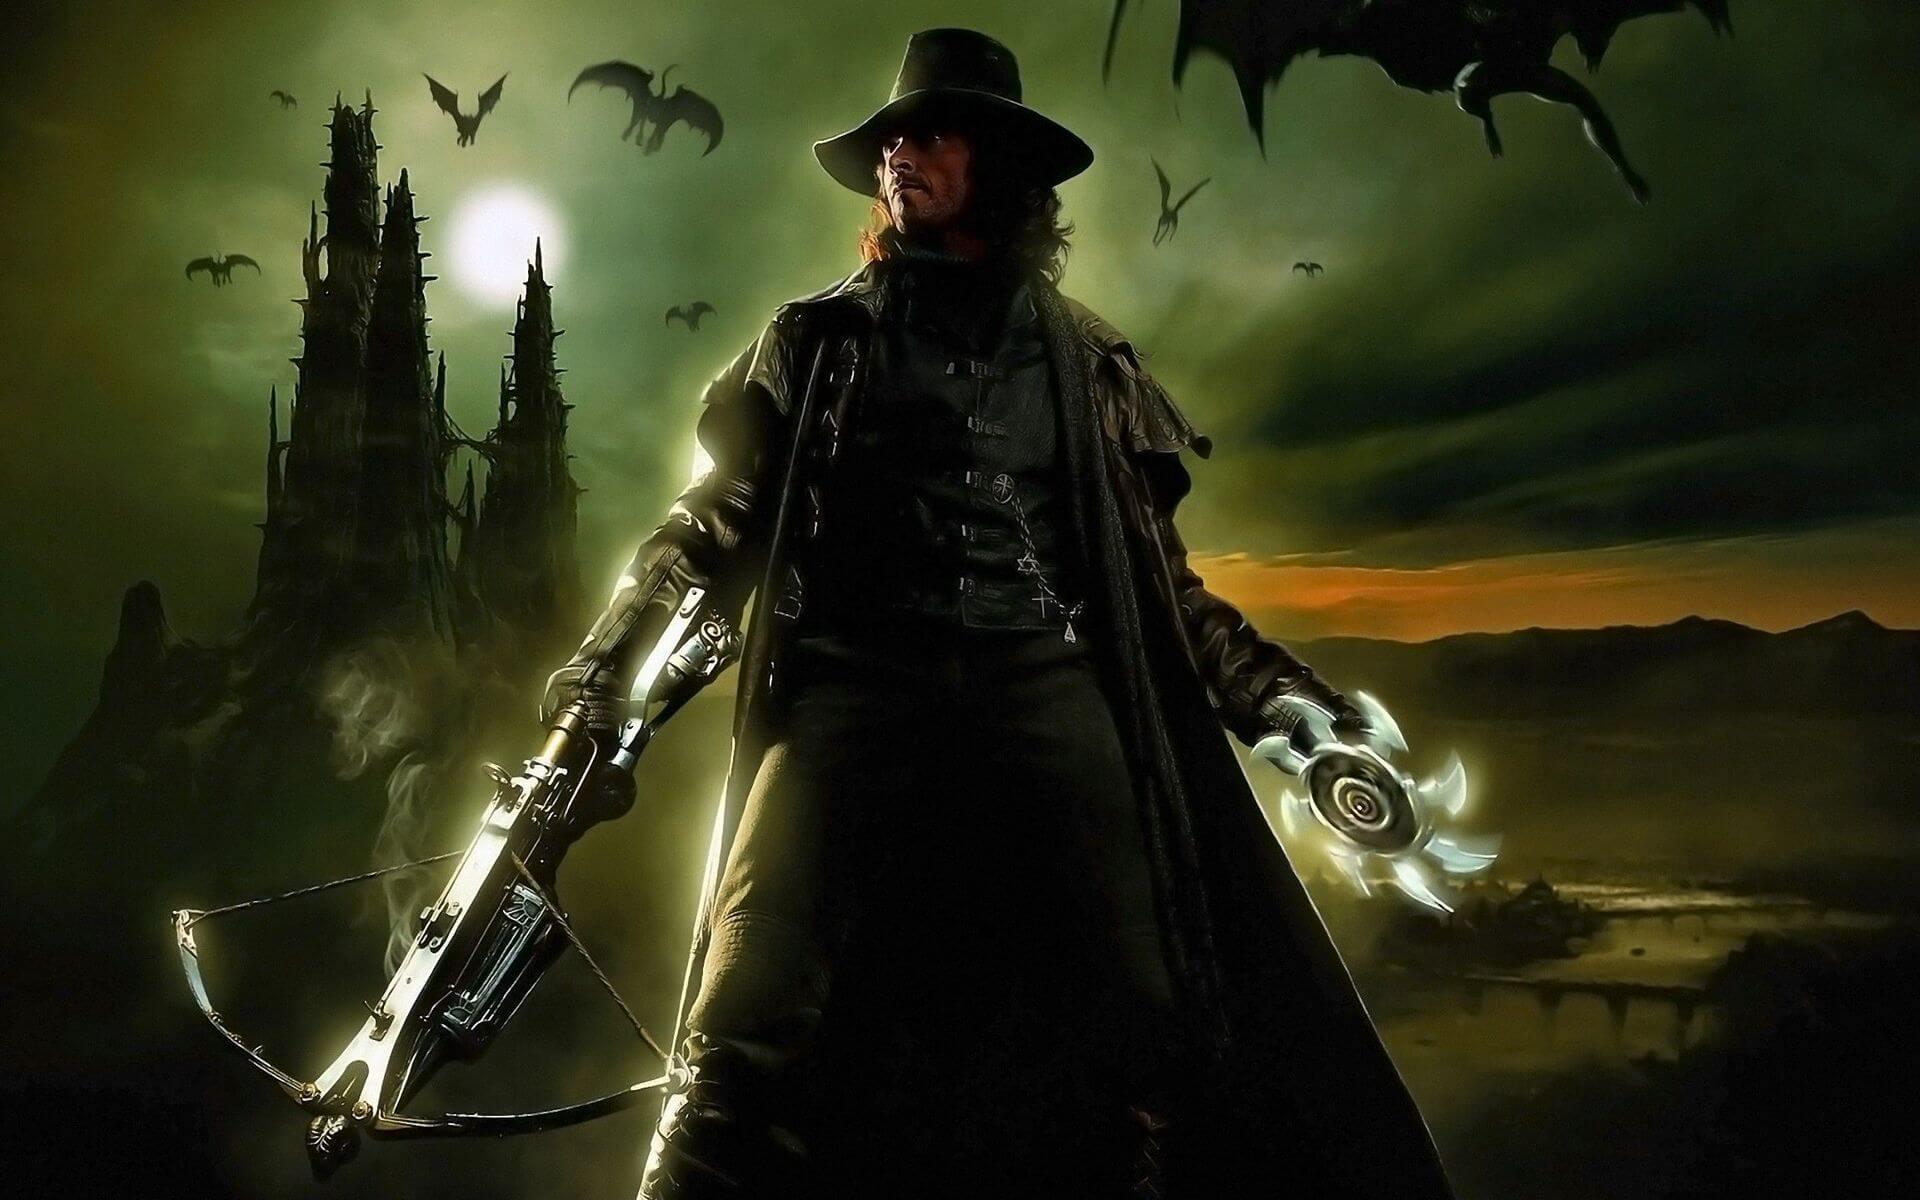 Van Helsing se une al elenco de nuevos monstruos de la Universal — Nocturnis Web de Terror